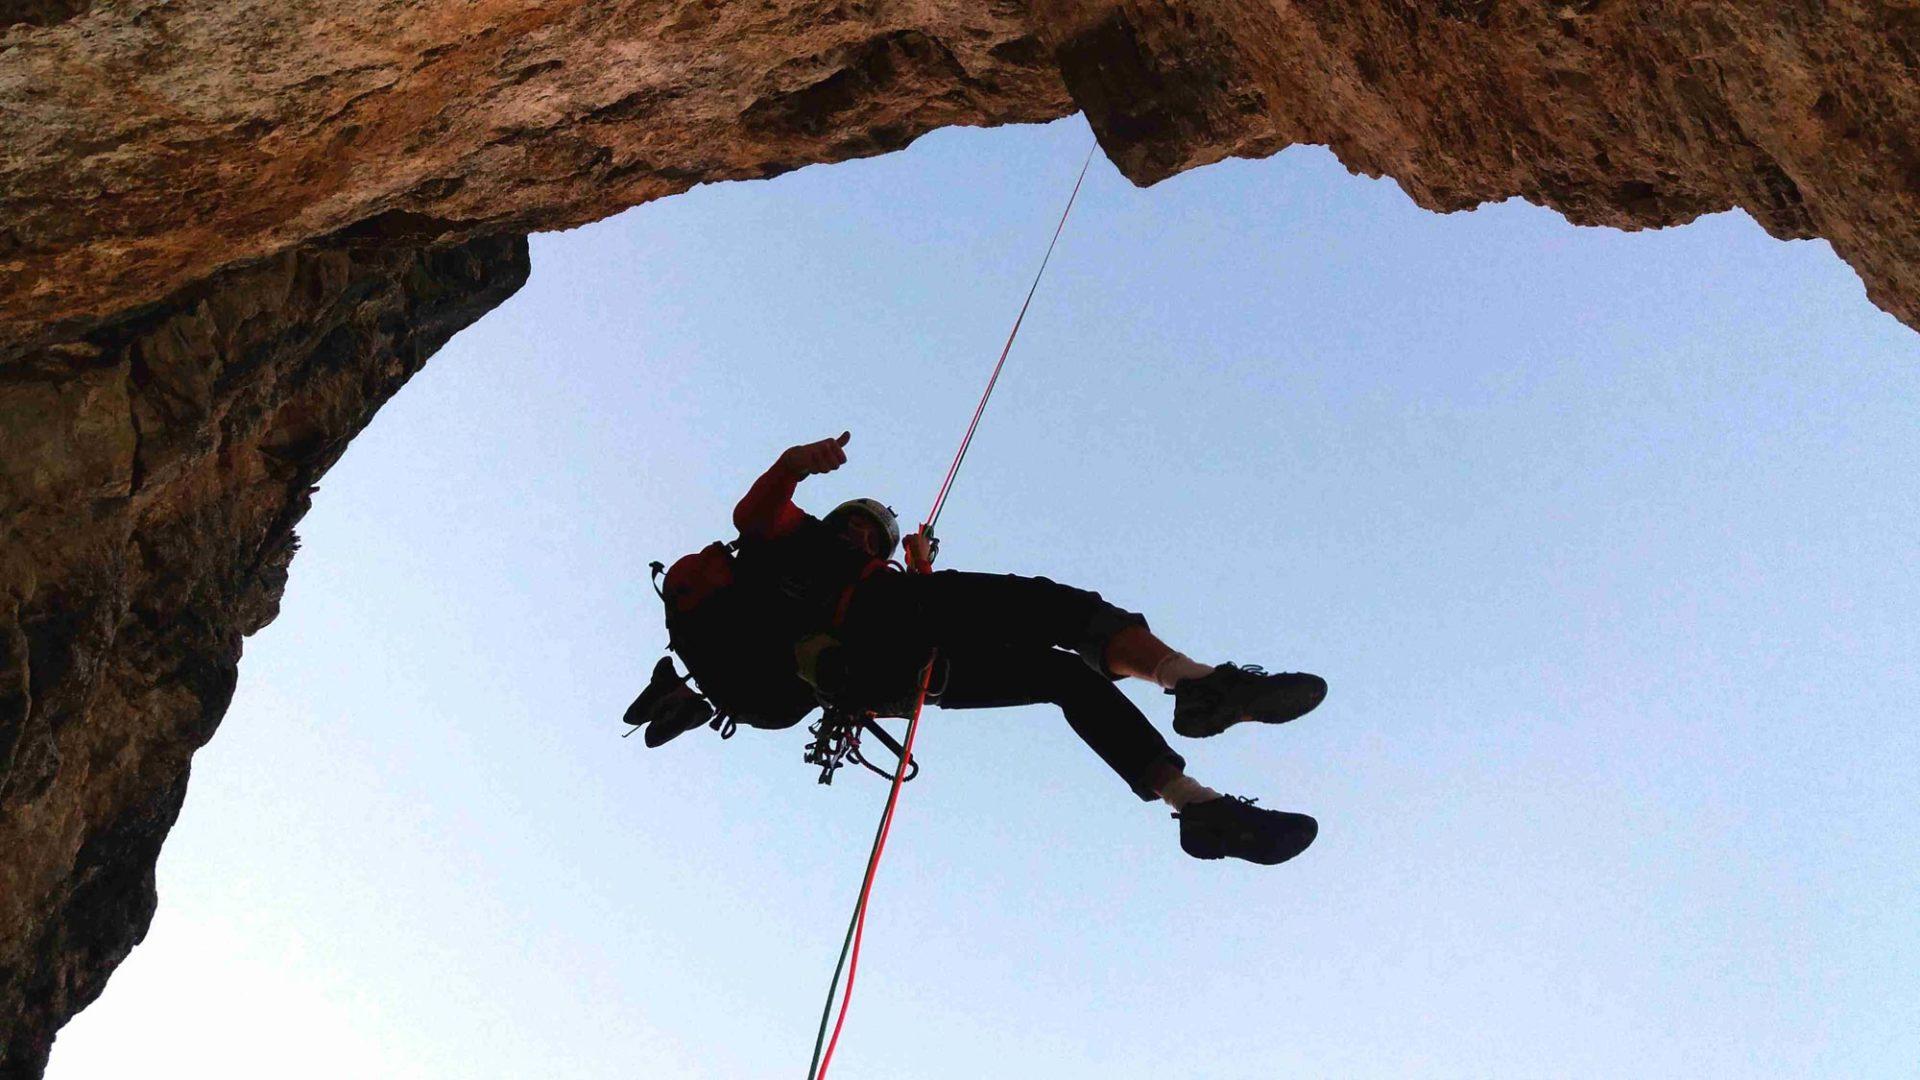 Bergsteigertipp: Abseilen